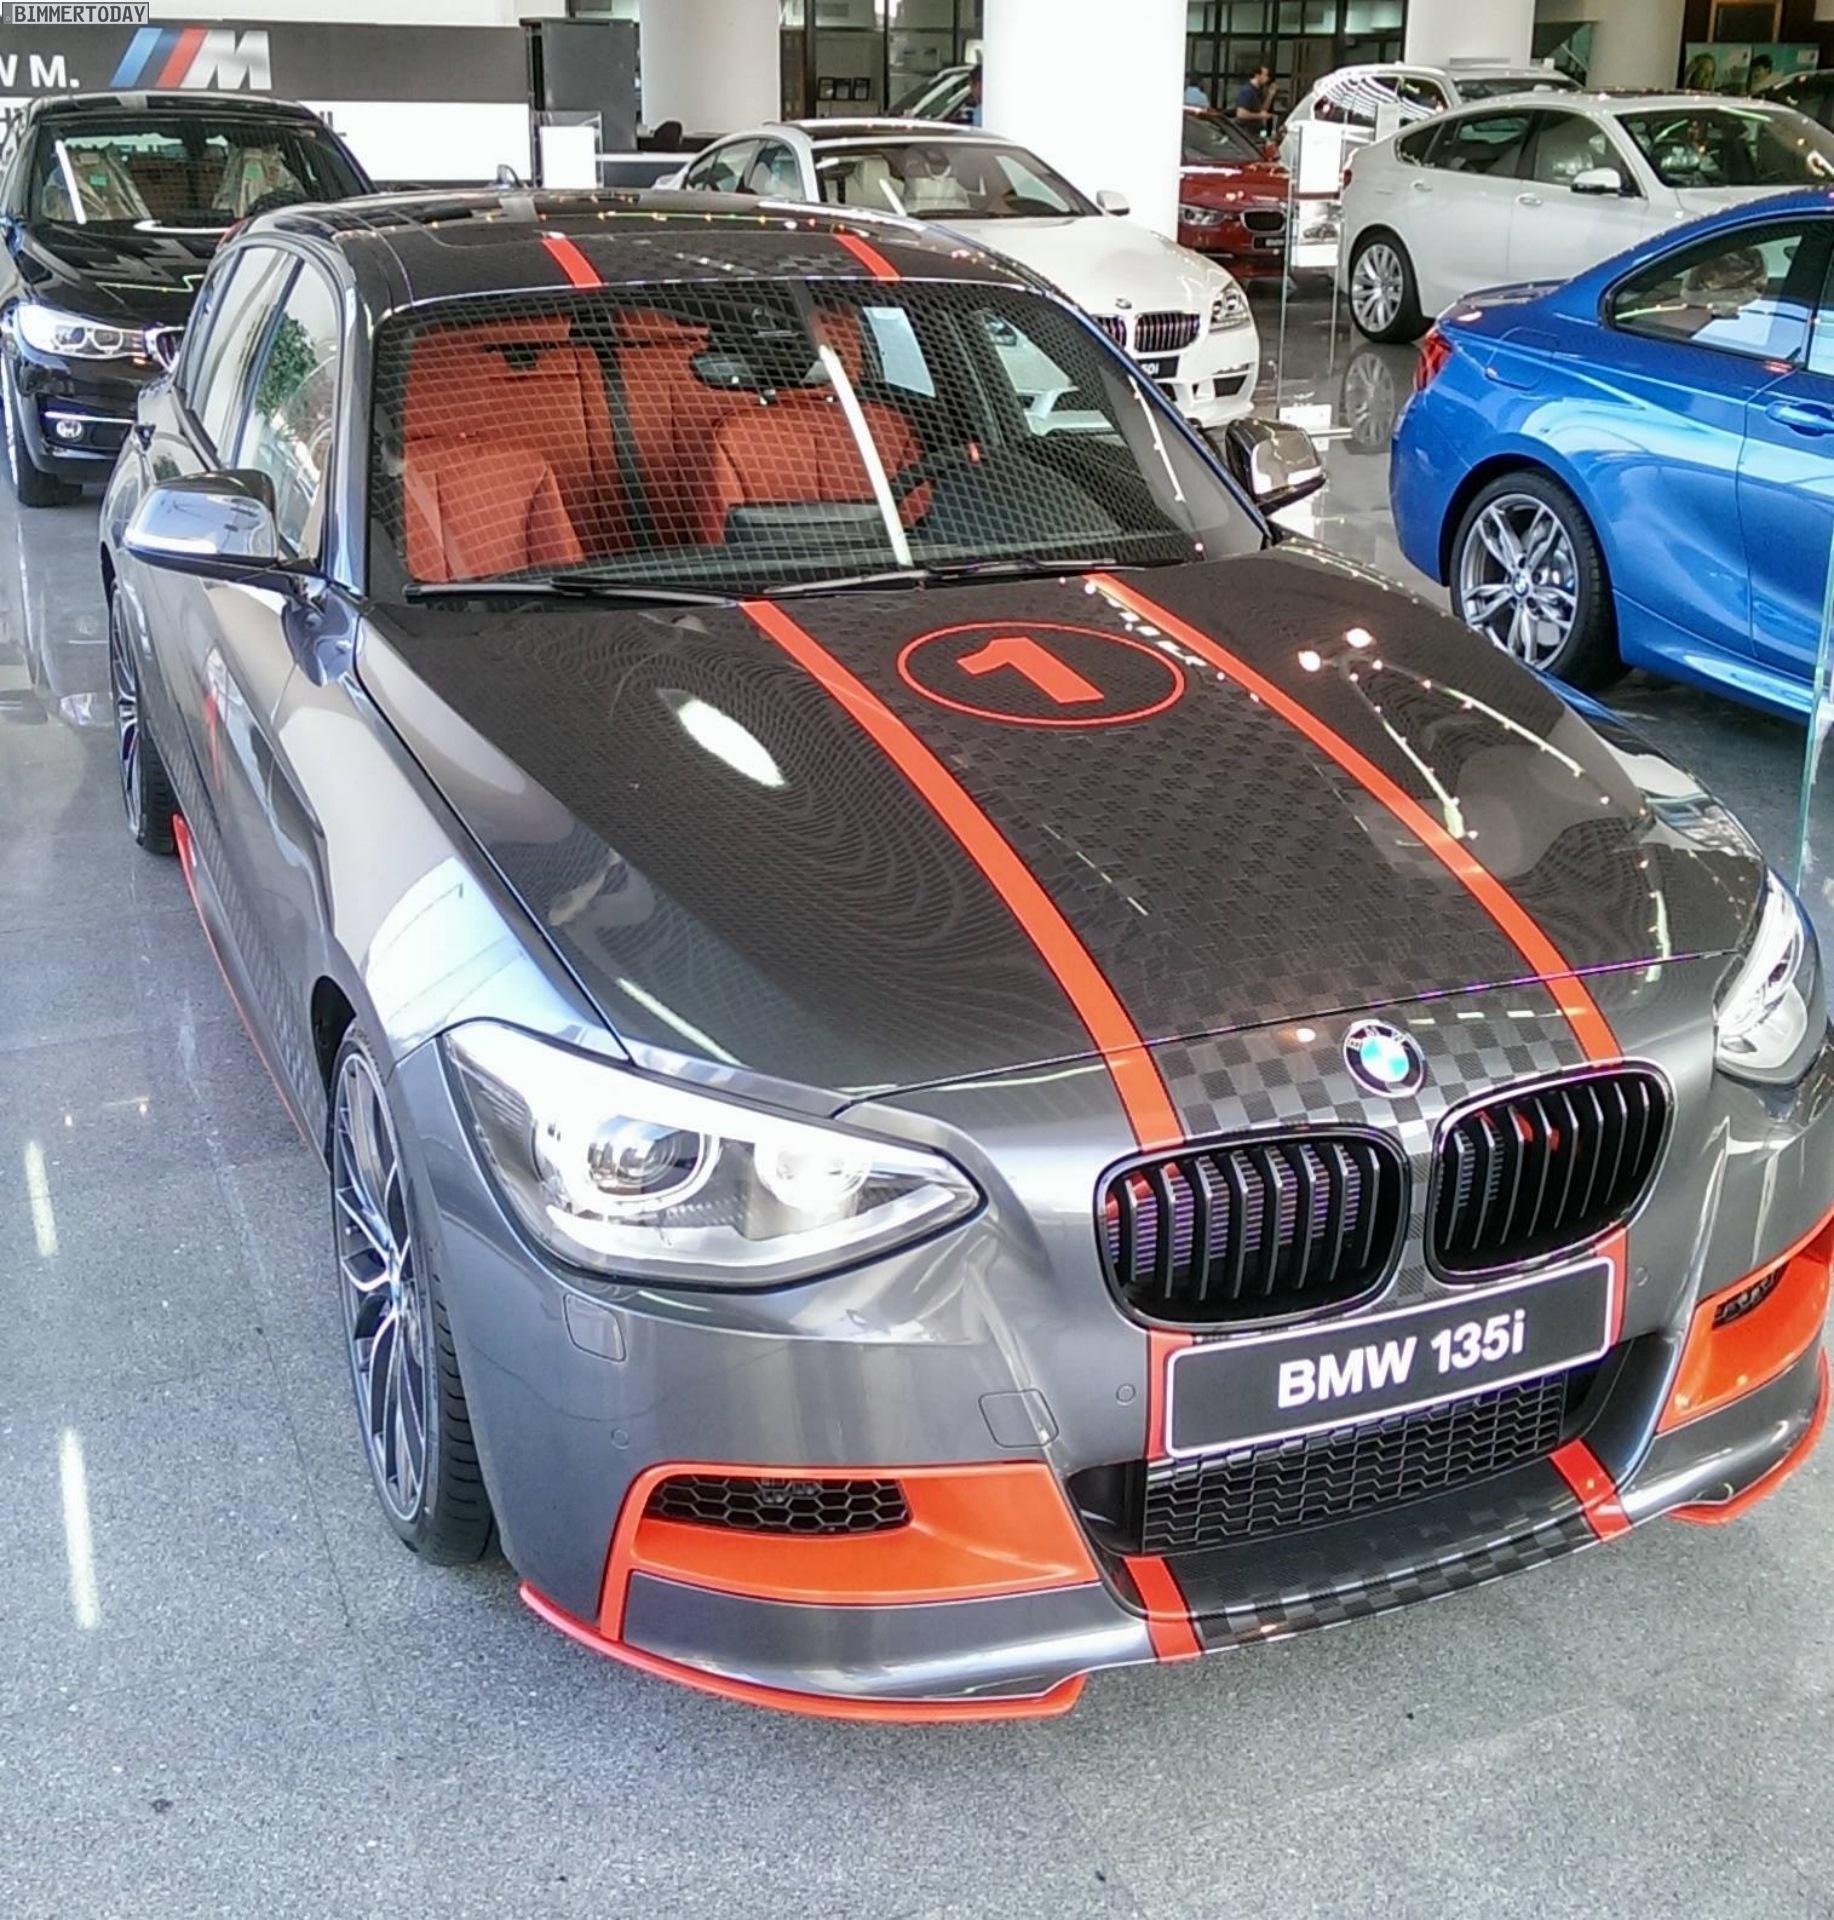 BMW M135i Tuning Abu Dhabi Special Edition 02